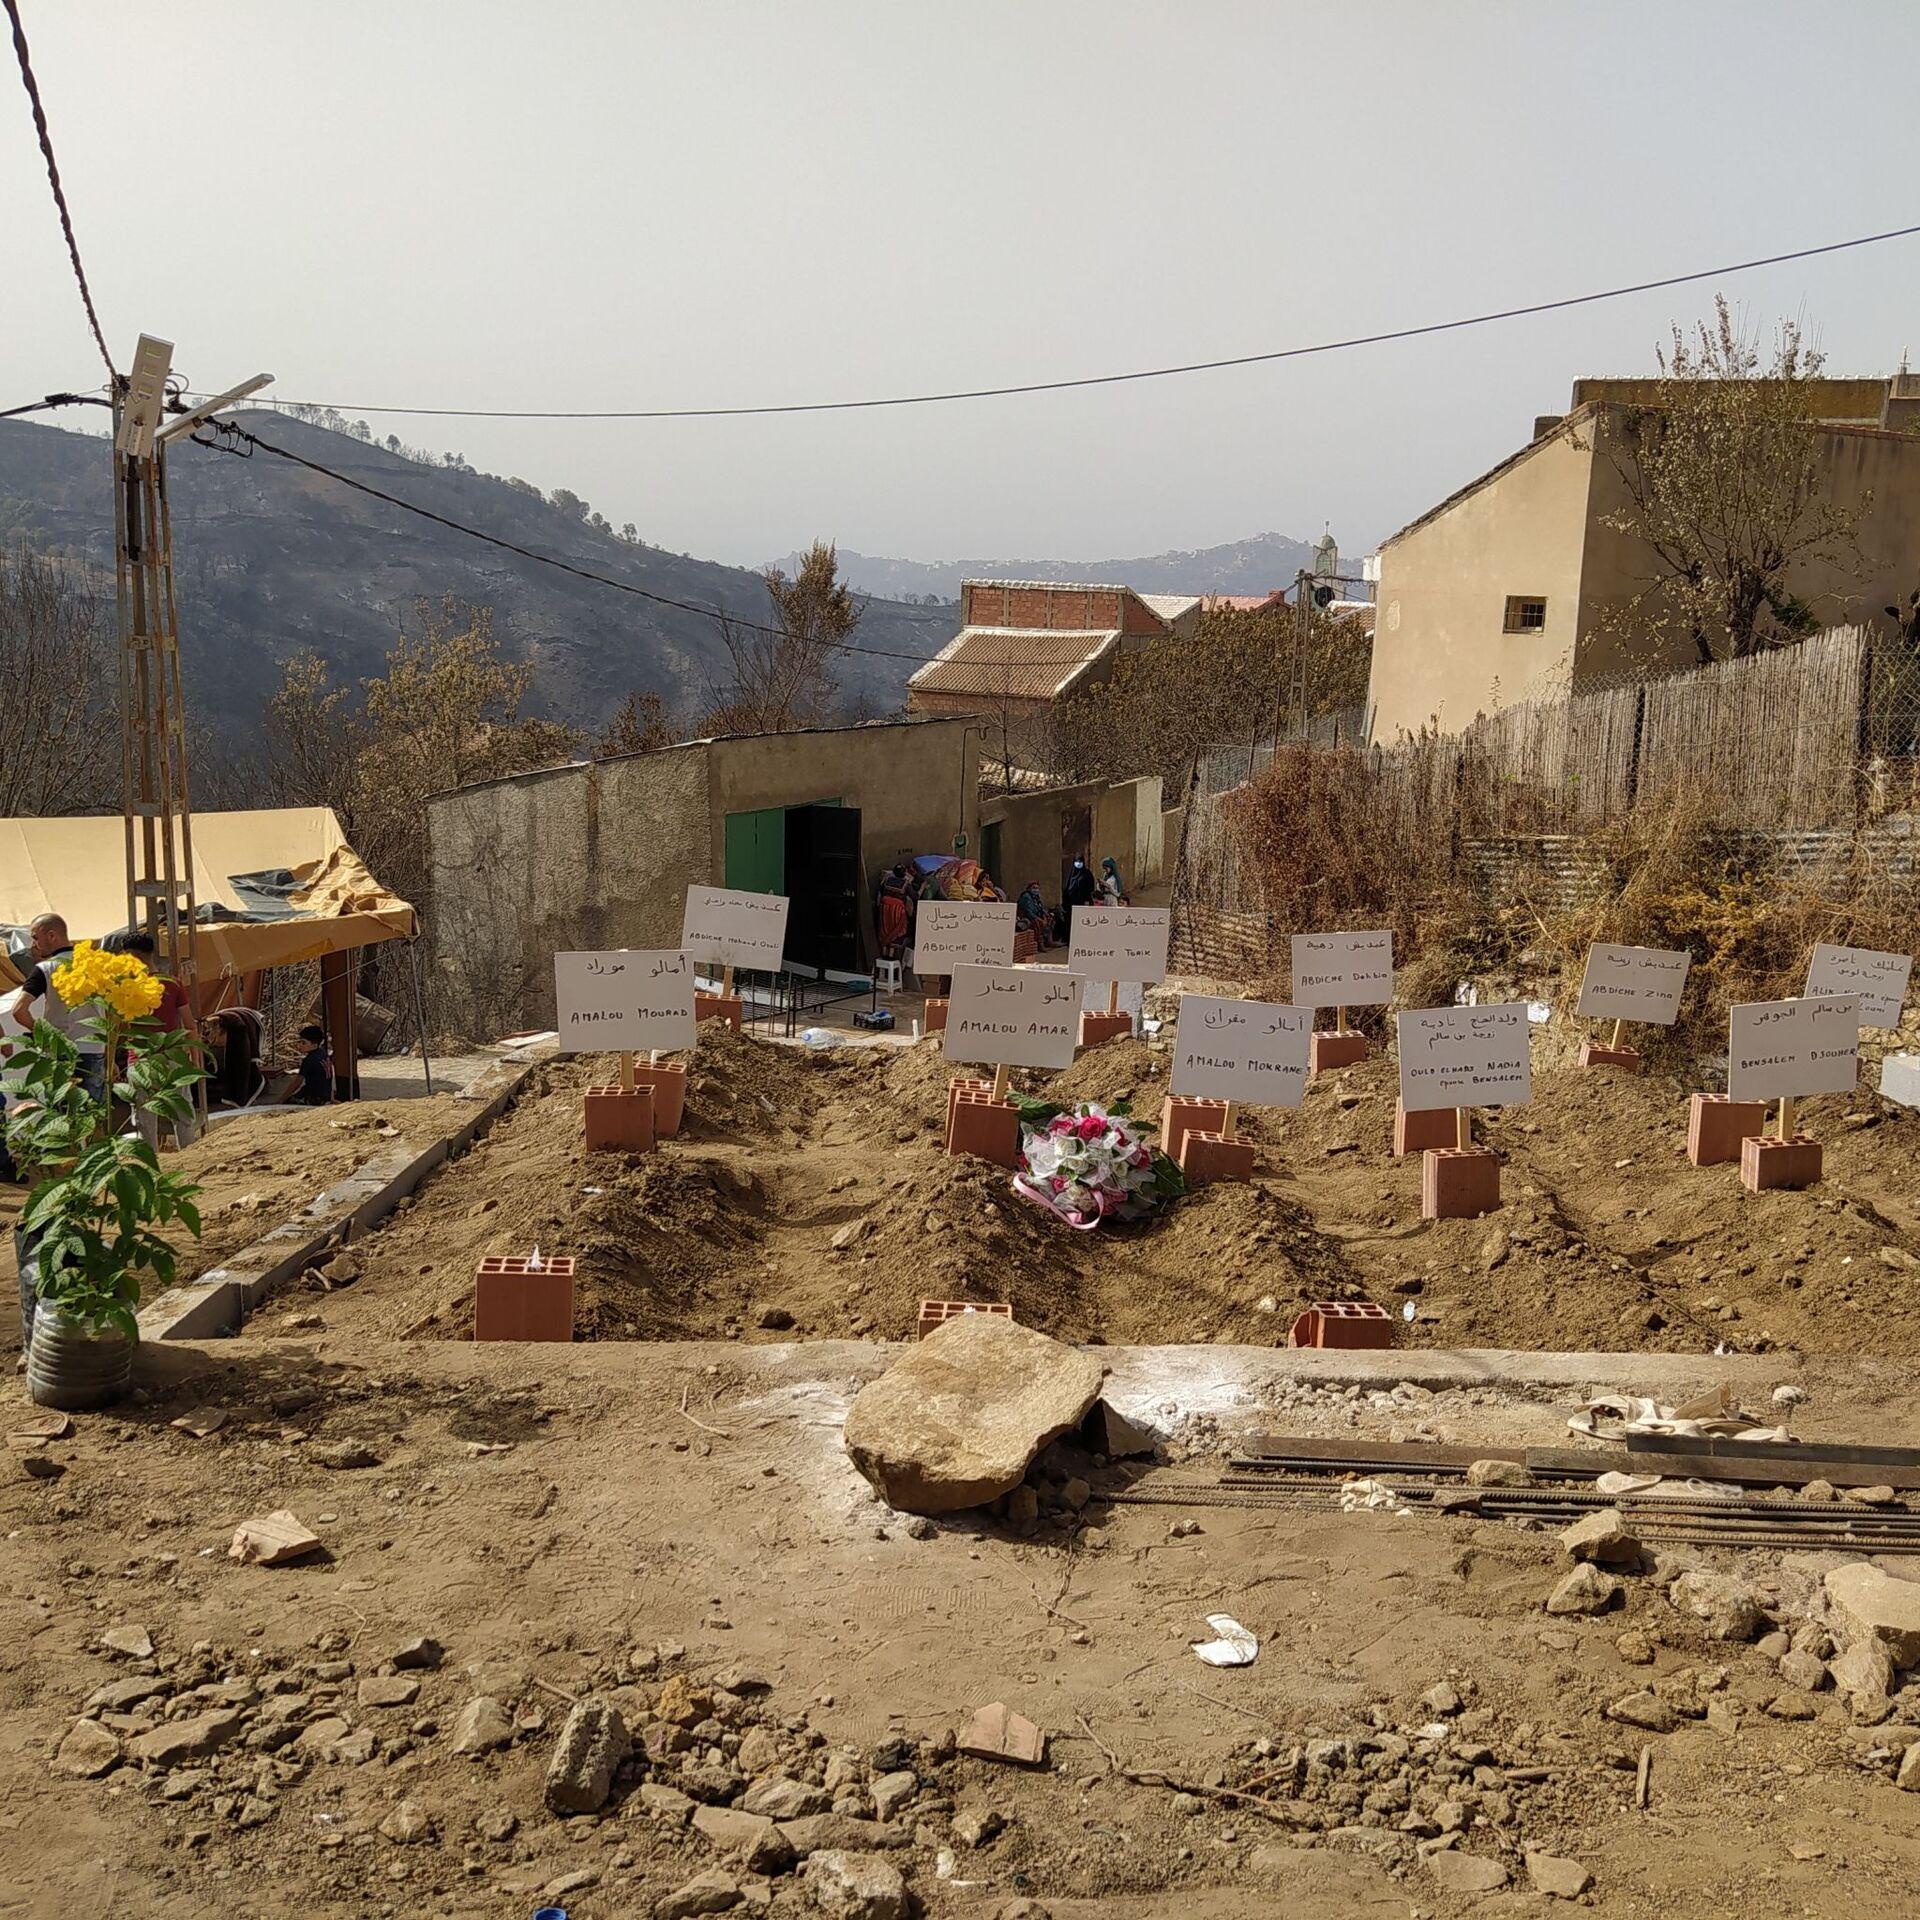 Cimetière d'Agoulmime Ikhelidjen, village qui a payé un lourd tribut lors des incendies - Sputnik France, 1920, 21.09.2021